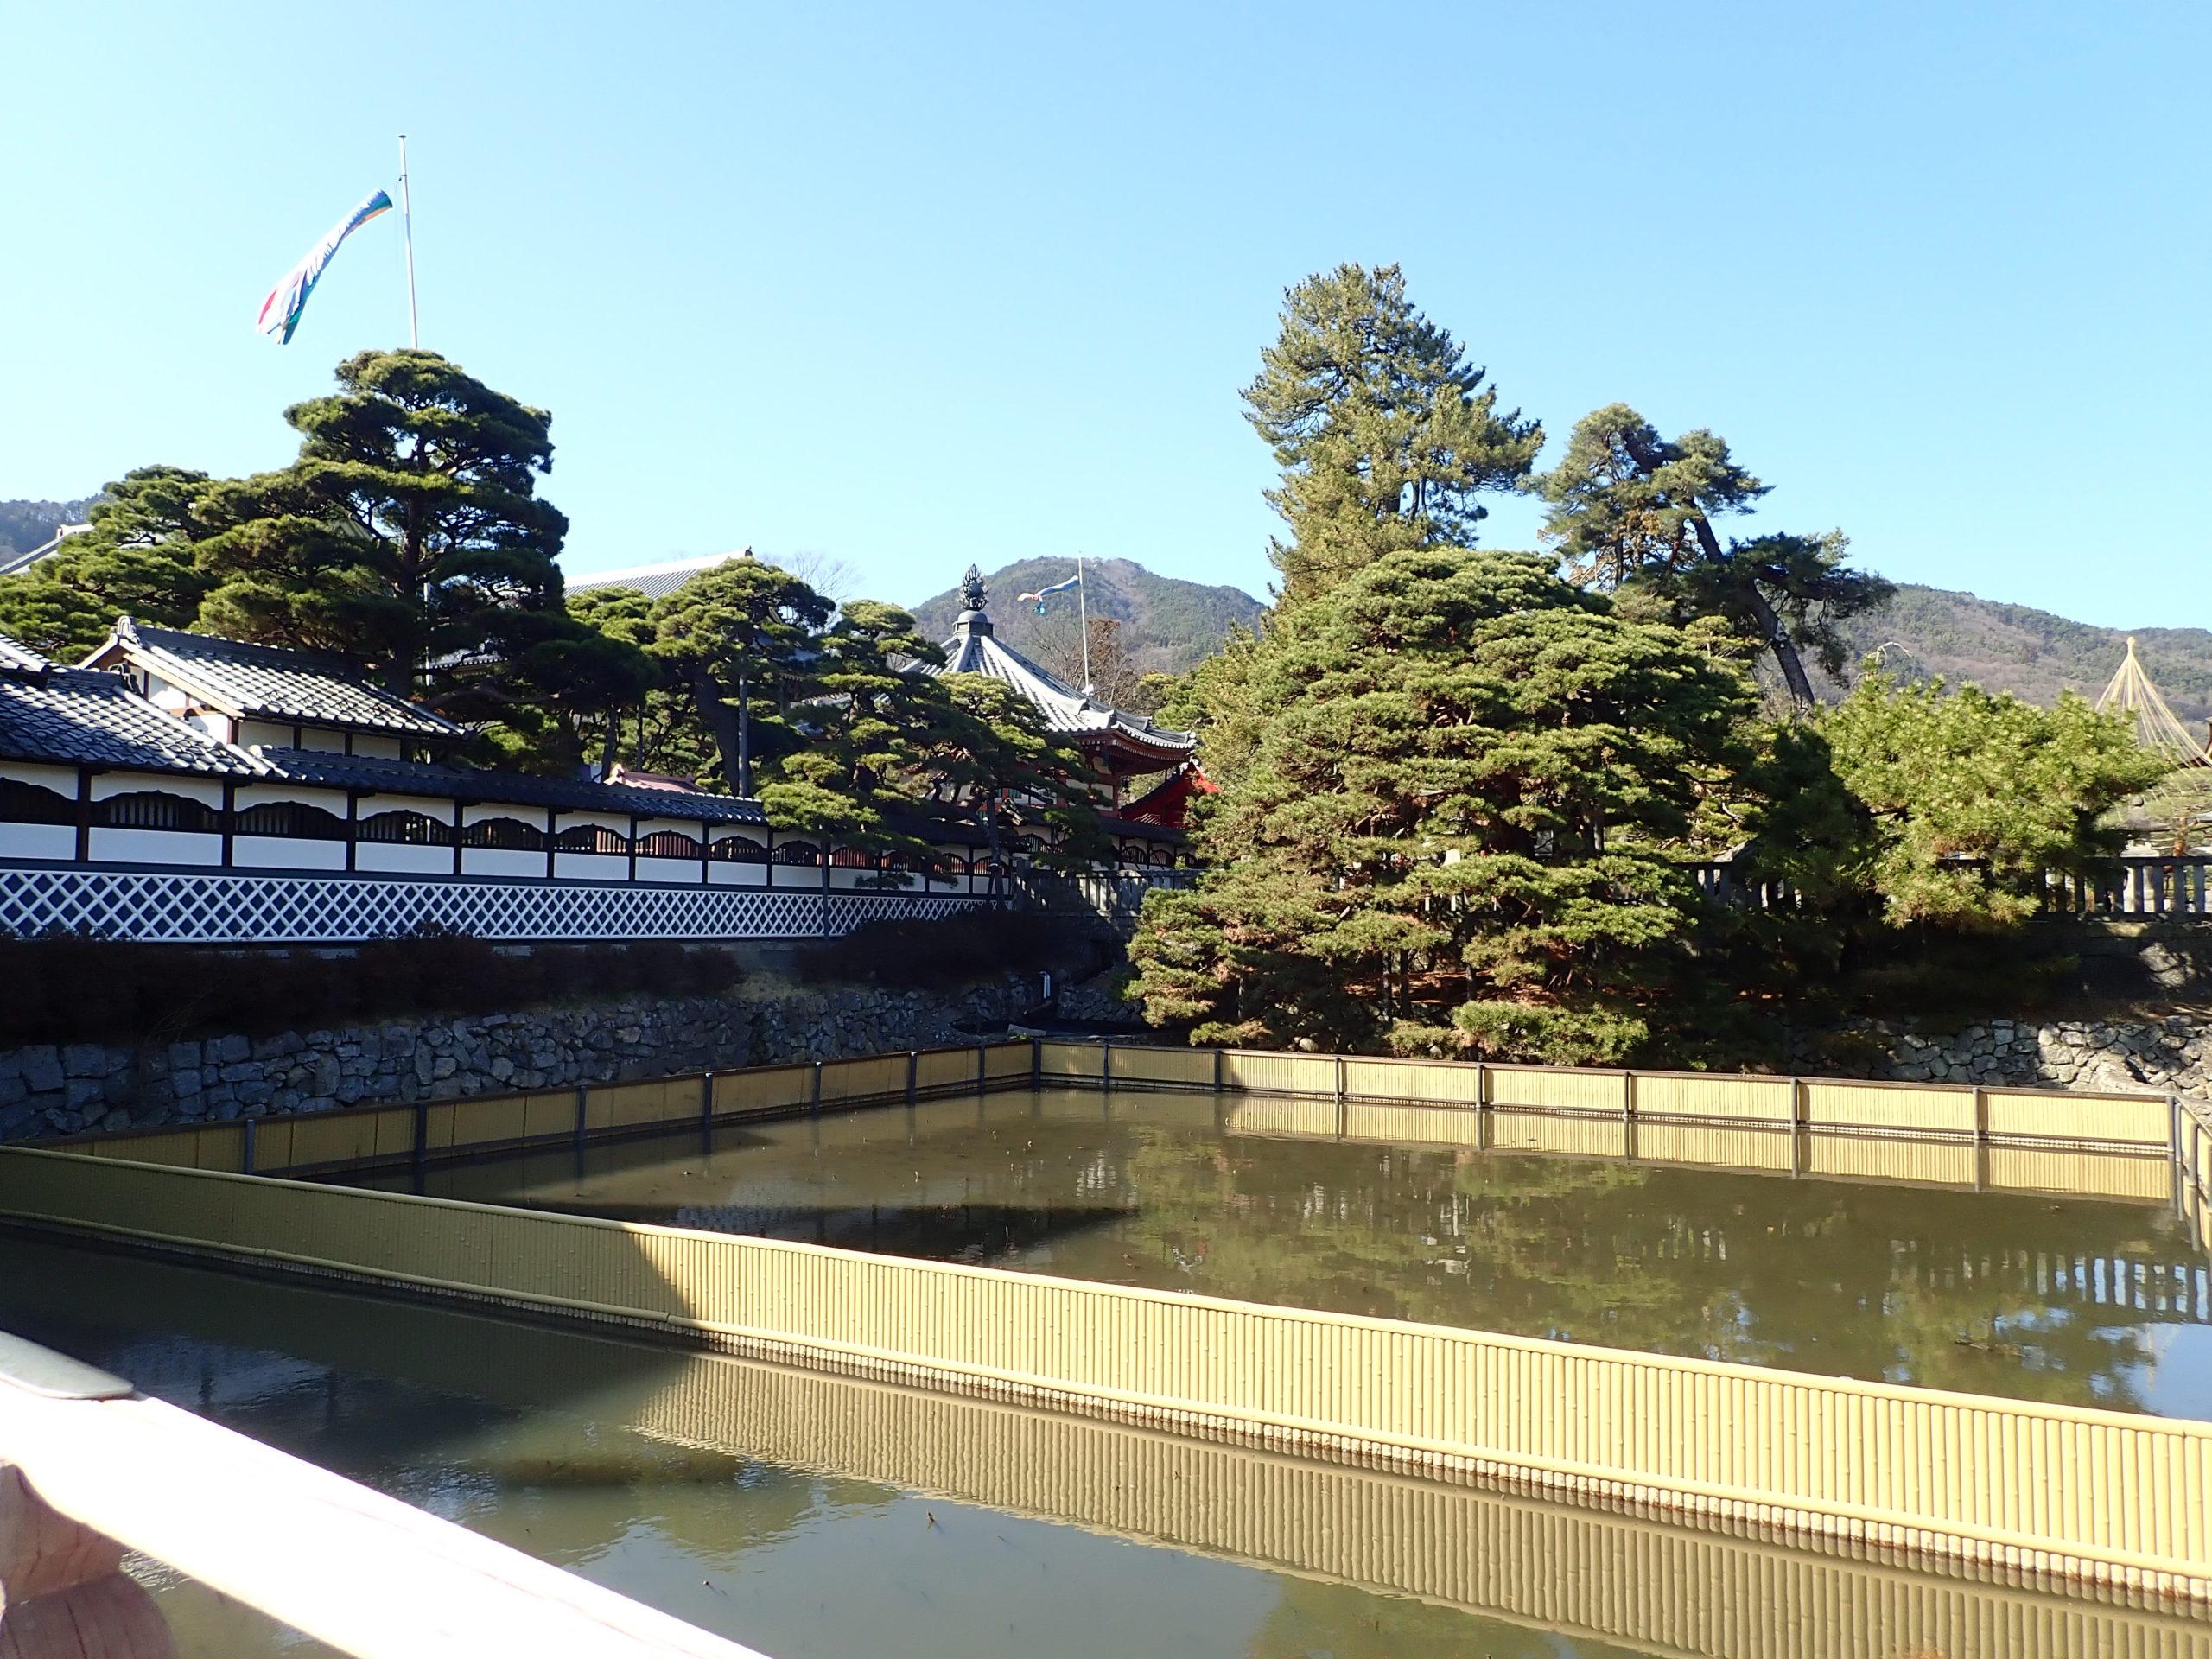 信州善光寺の参道にある大勧進の放生池